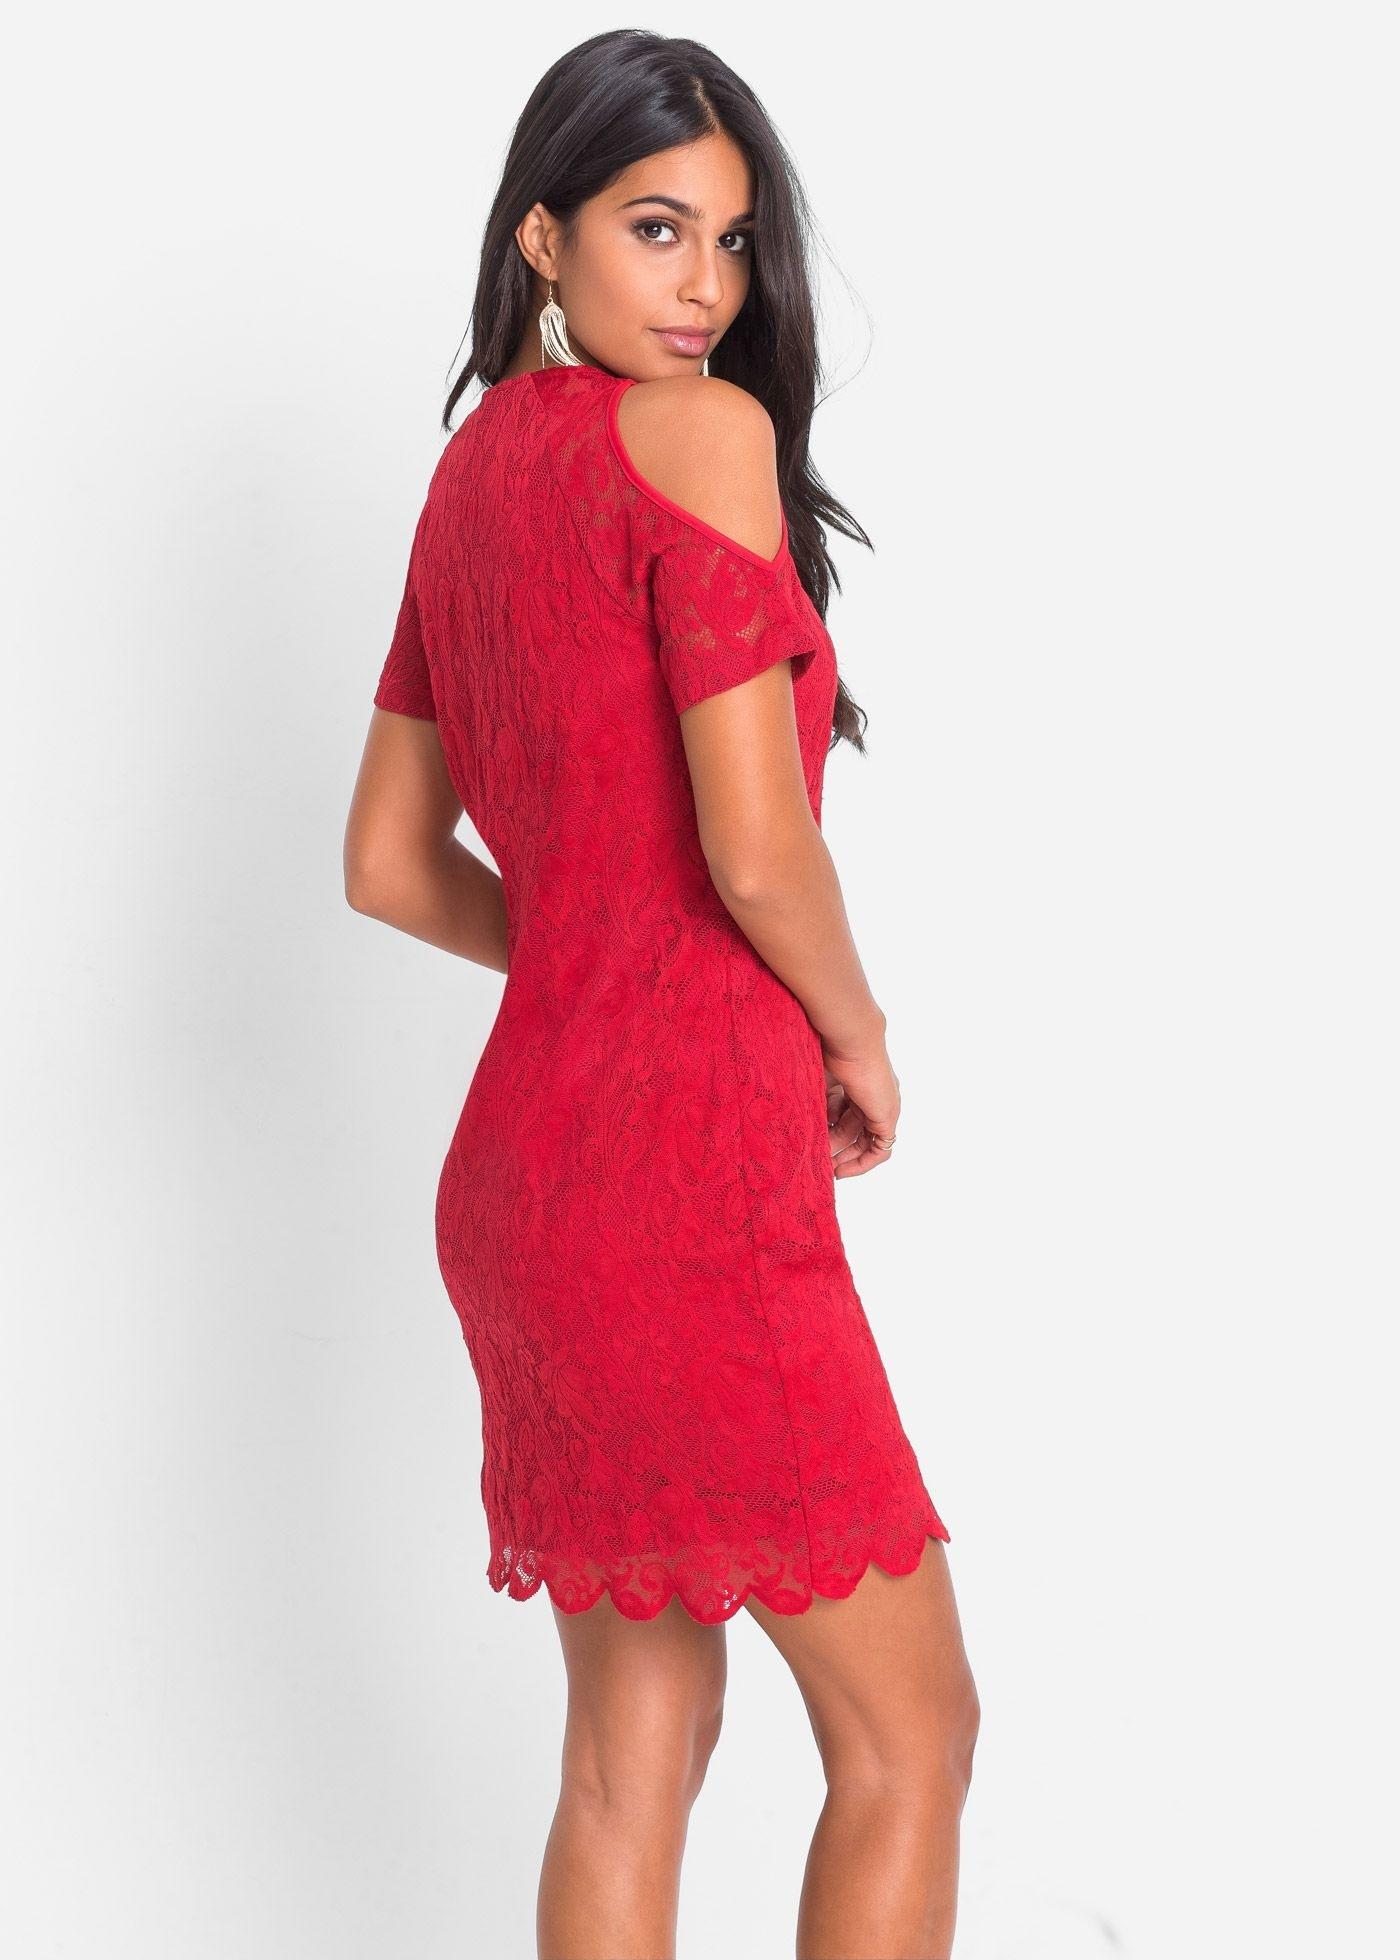 13 Elegant Kleid Mit Cut Outs Stylish13 Perfekt Kleid Mit Cut Outs Vertrieb